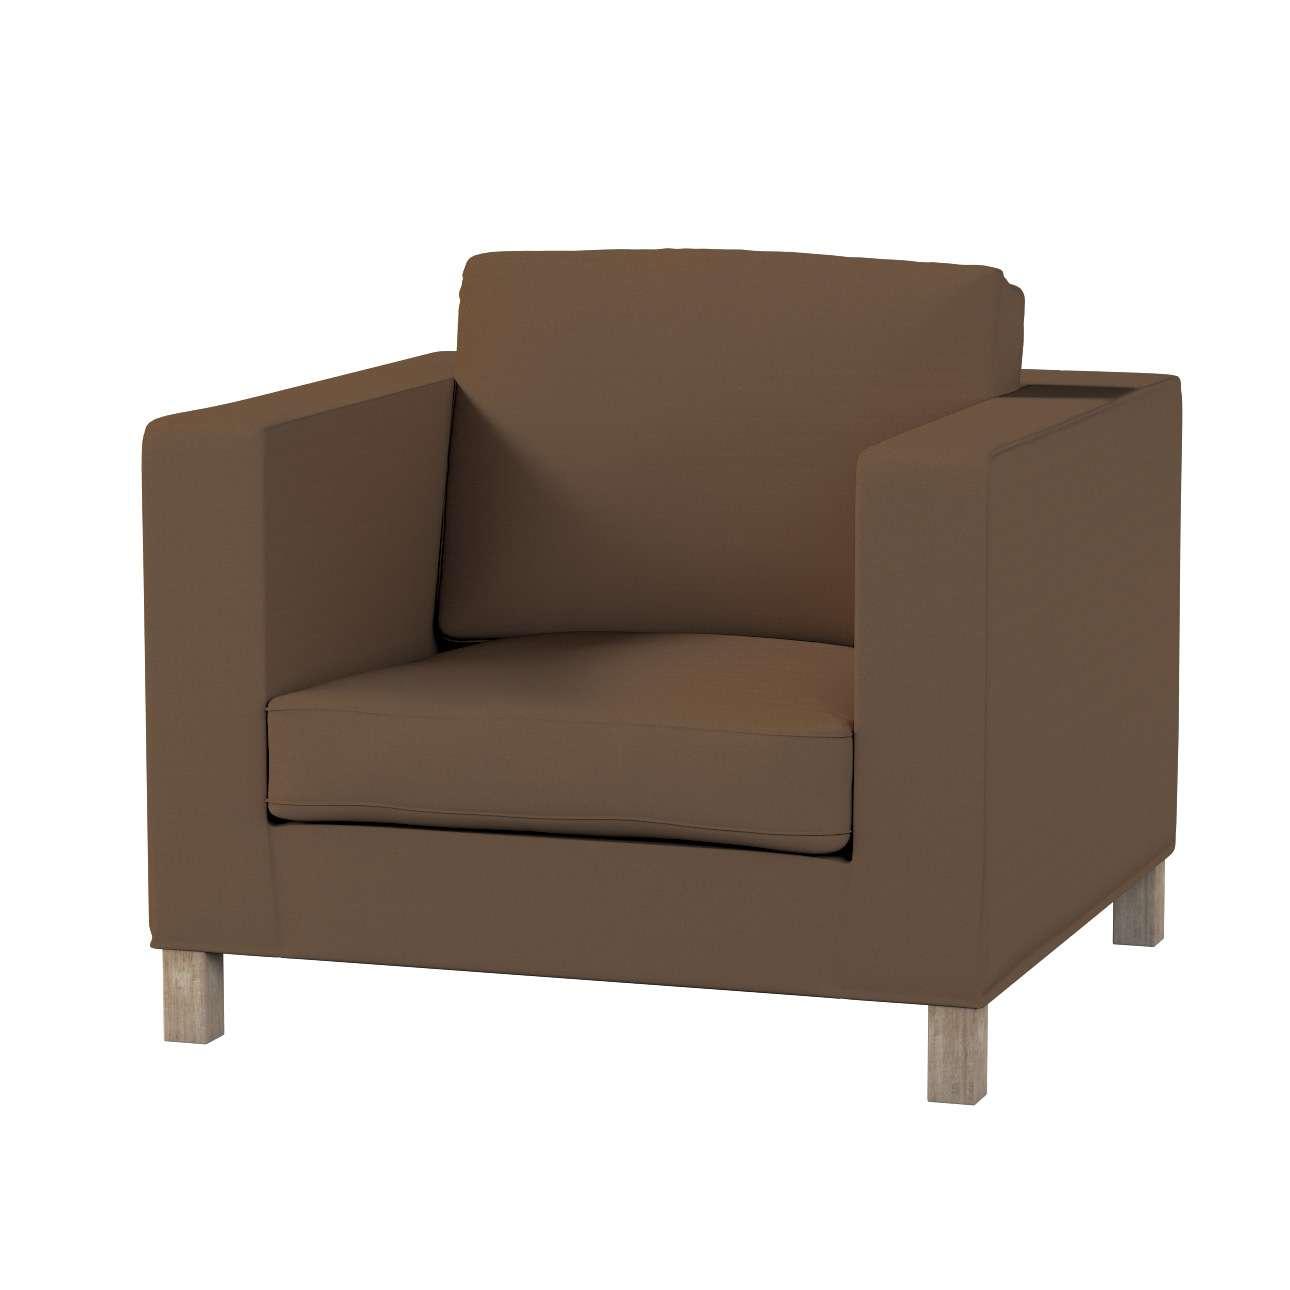 KARLANDA fotelio užvalkalas KARLANDA fotelio užvalkalas kolekcijoje Cotton Panama, audinys: 702-02